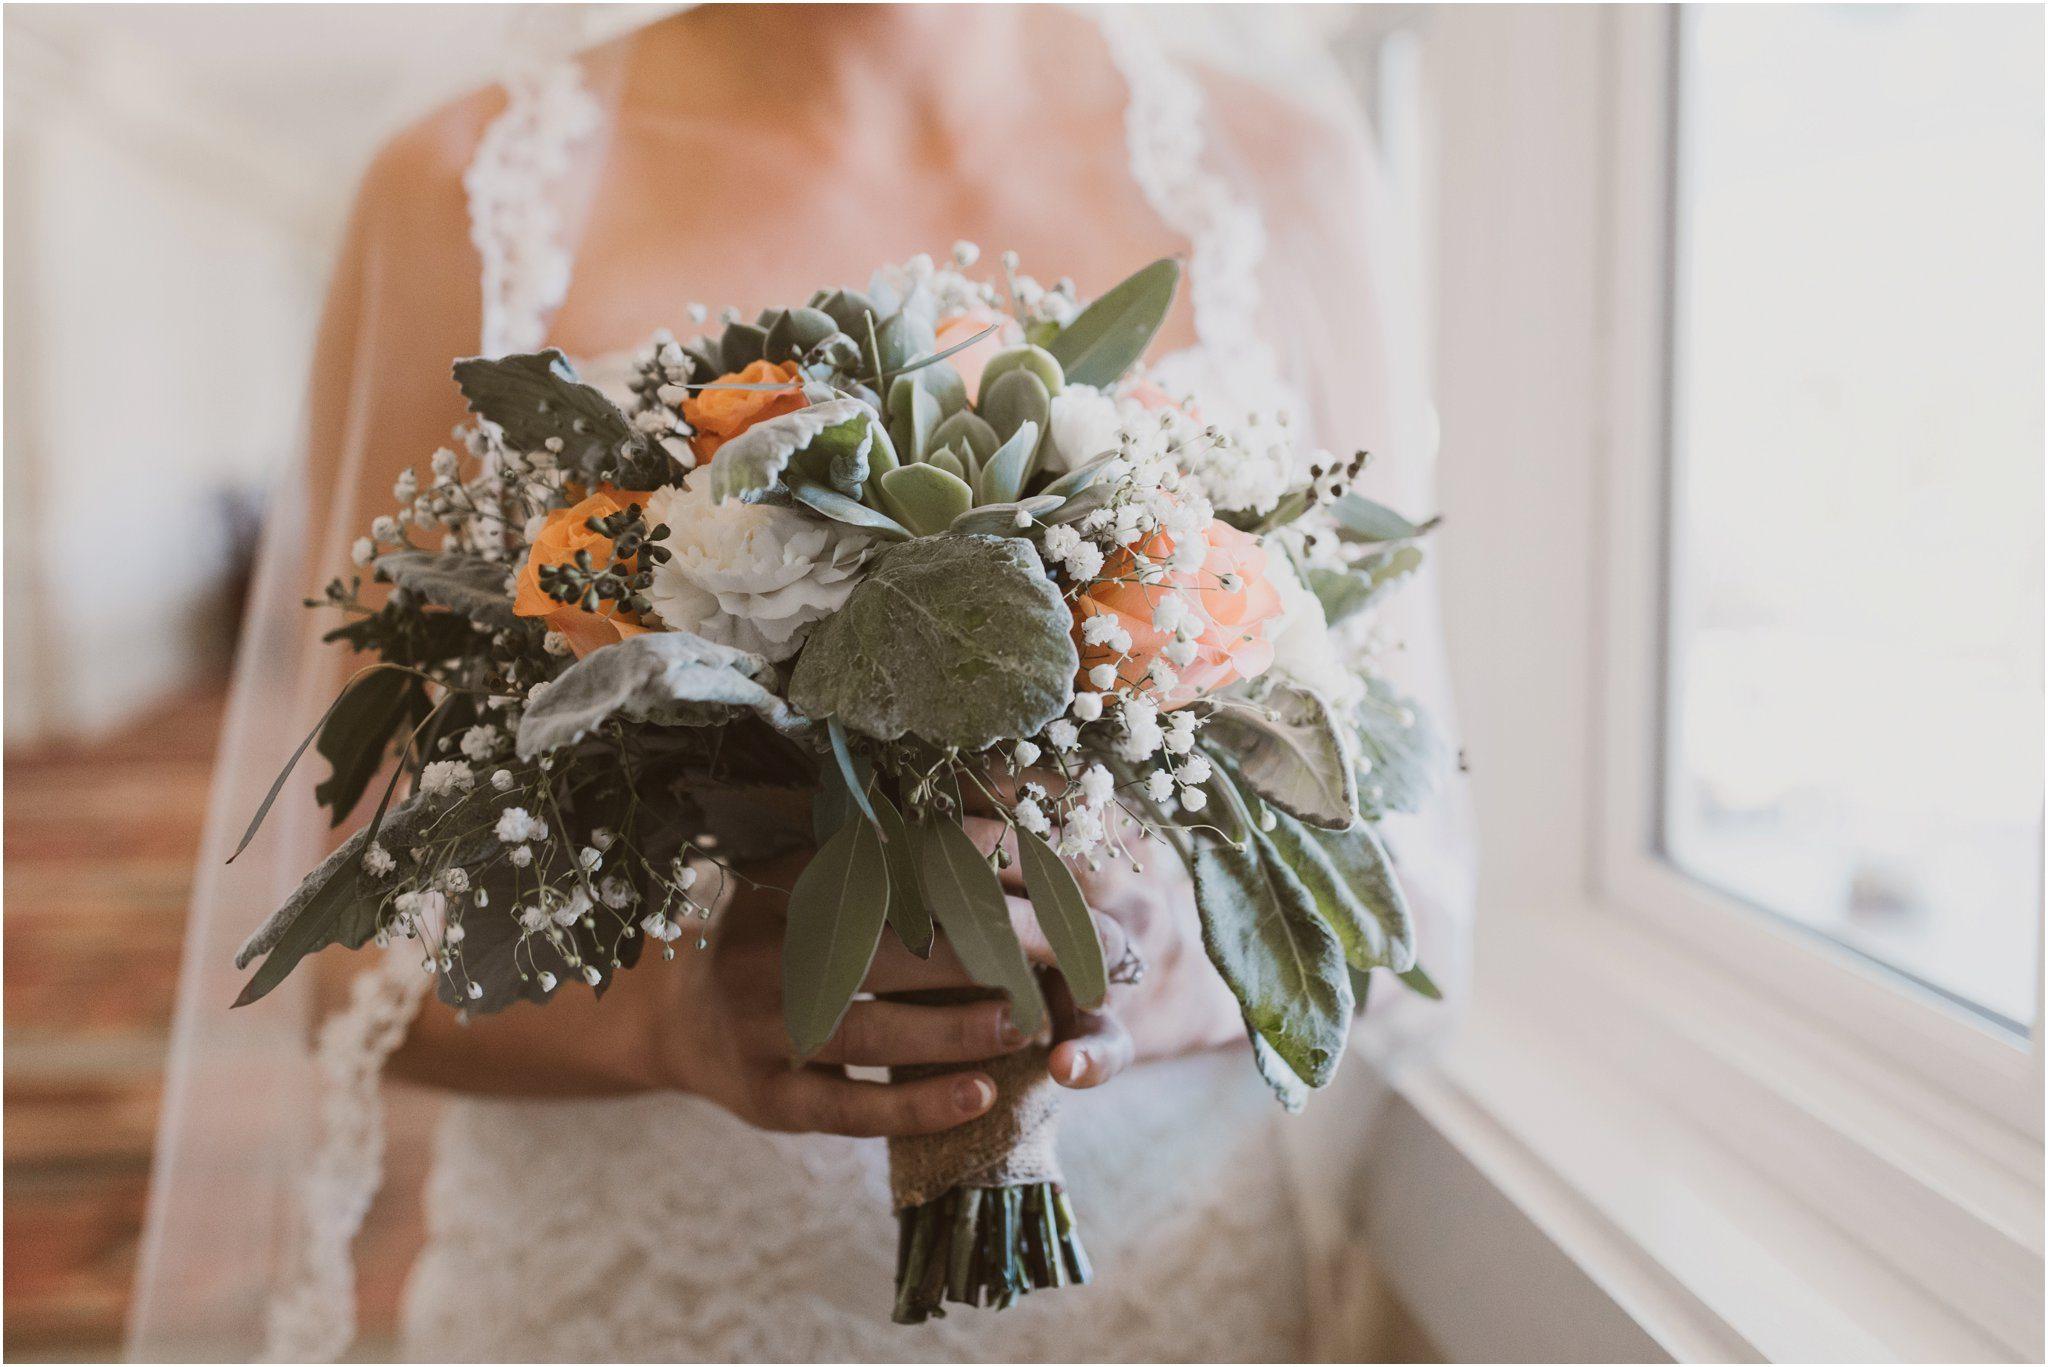 07Blue Rose Photography_ Albuquerque Wedding Photographer_ Santa Fe Wedding Photographers